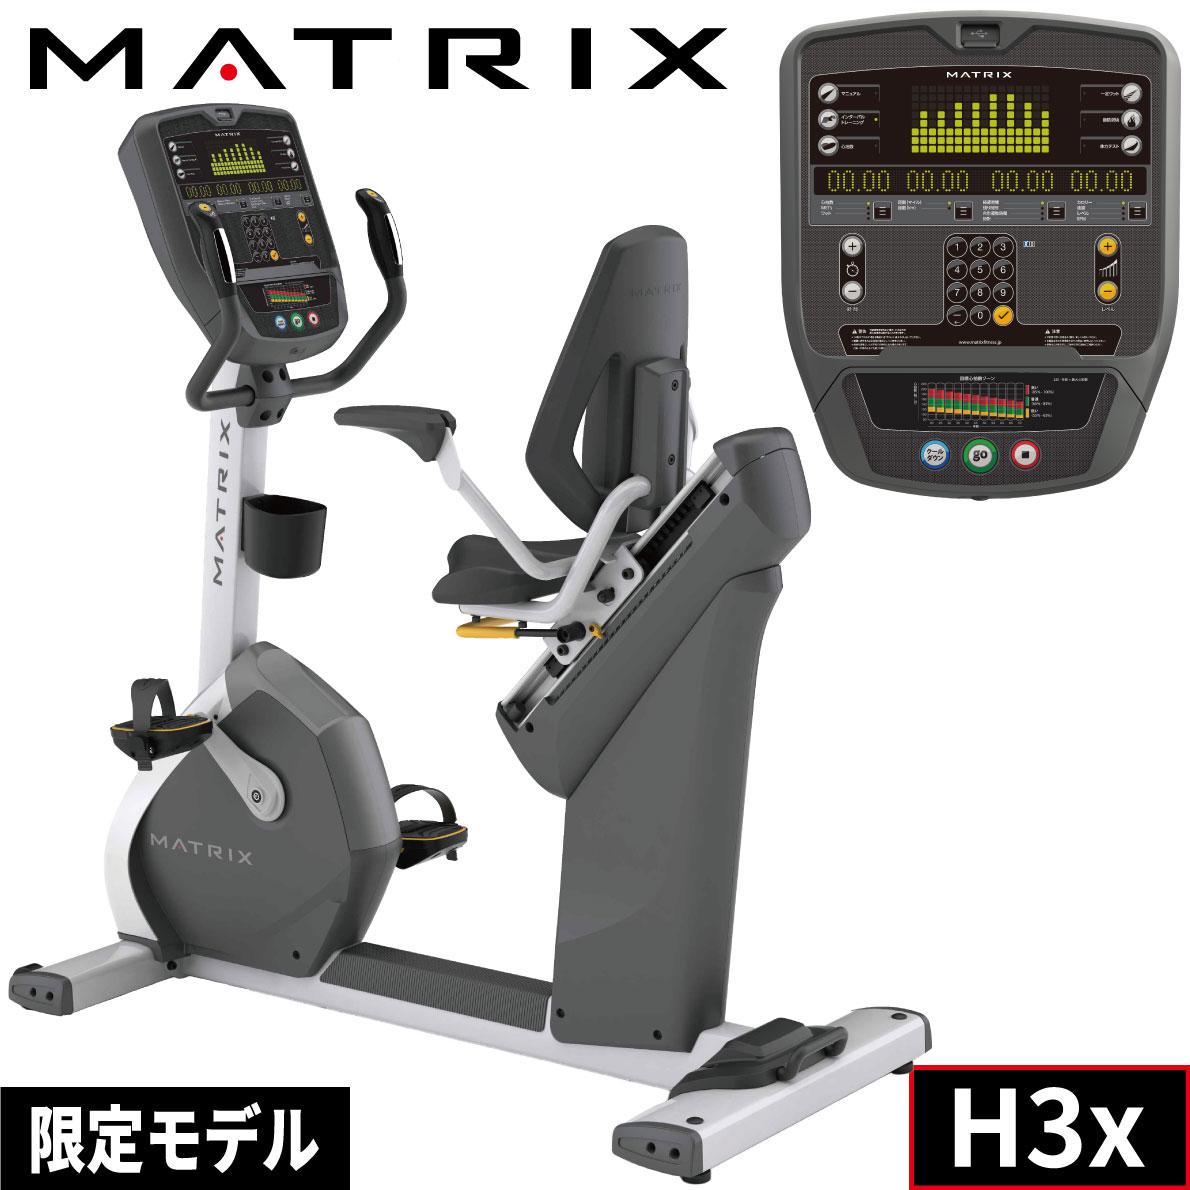 ハイブリッドサイクル アップライトバイク リカンベントバイク フィットネスバイク 業務用 H3x ジョンソン ジョンソンヘルステック サイクル 業務用MATRIX 3xコンソール 業務用フィットネスマシン